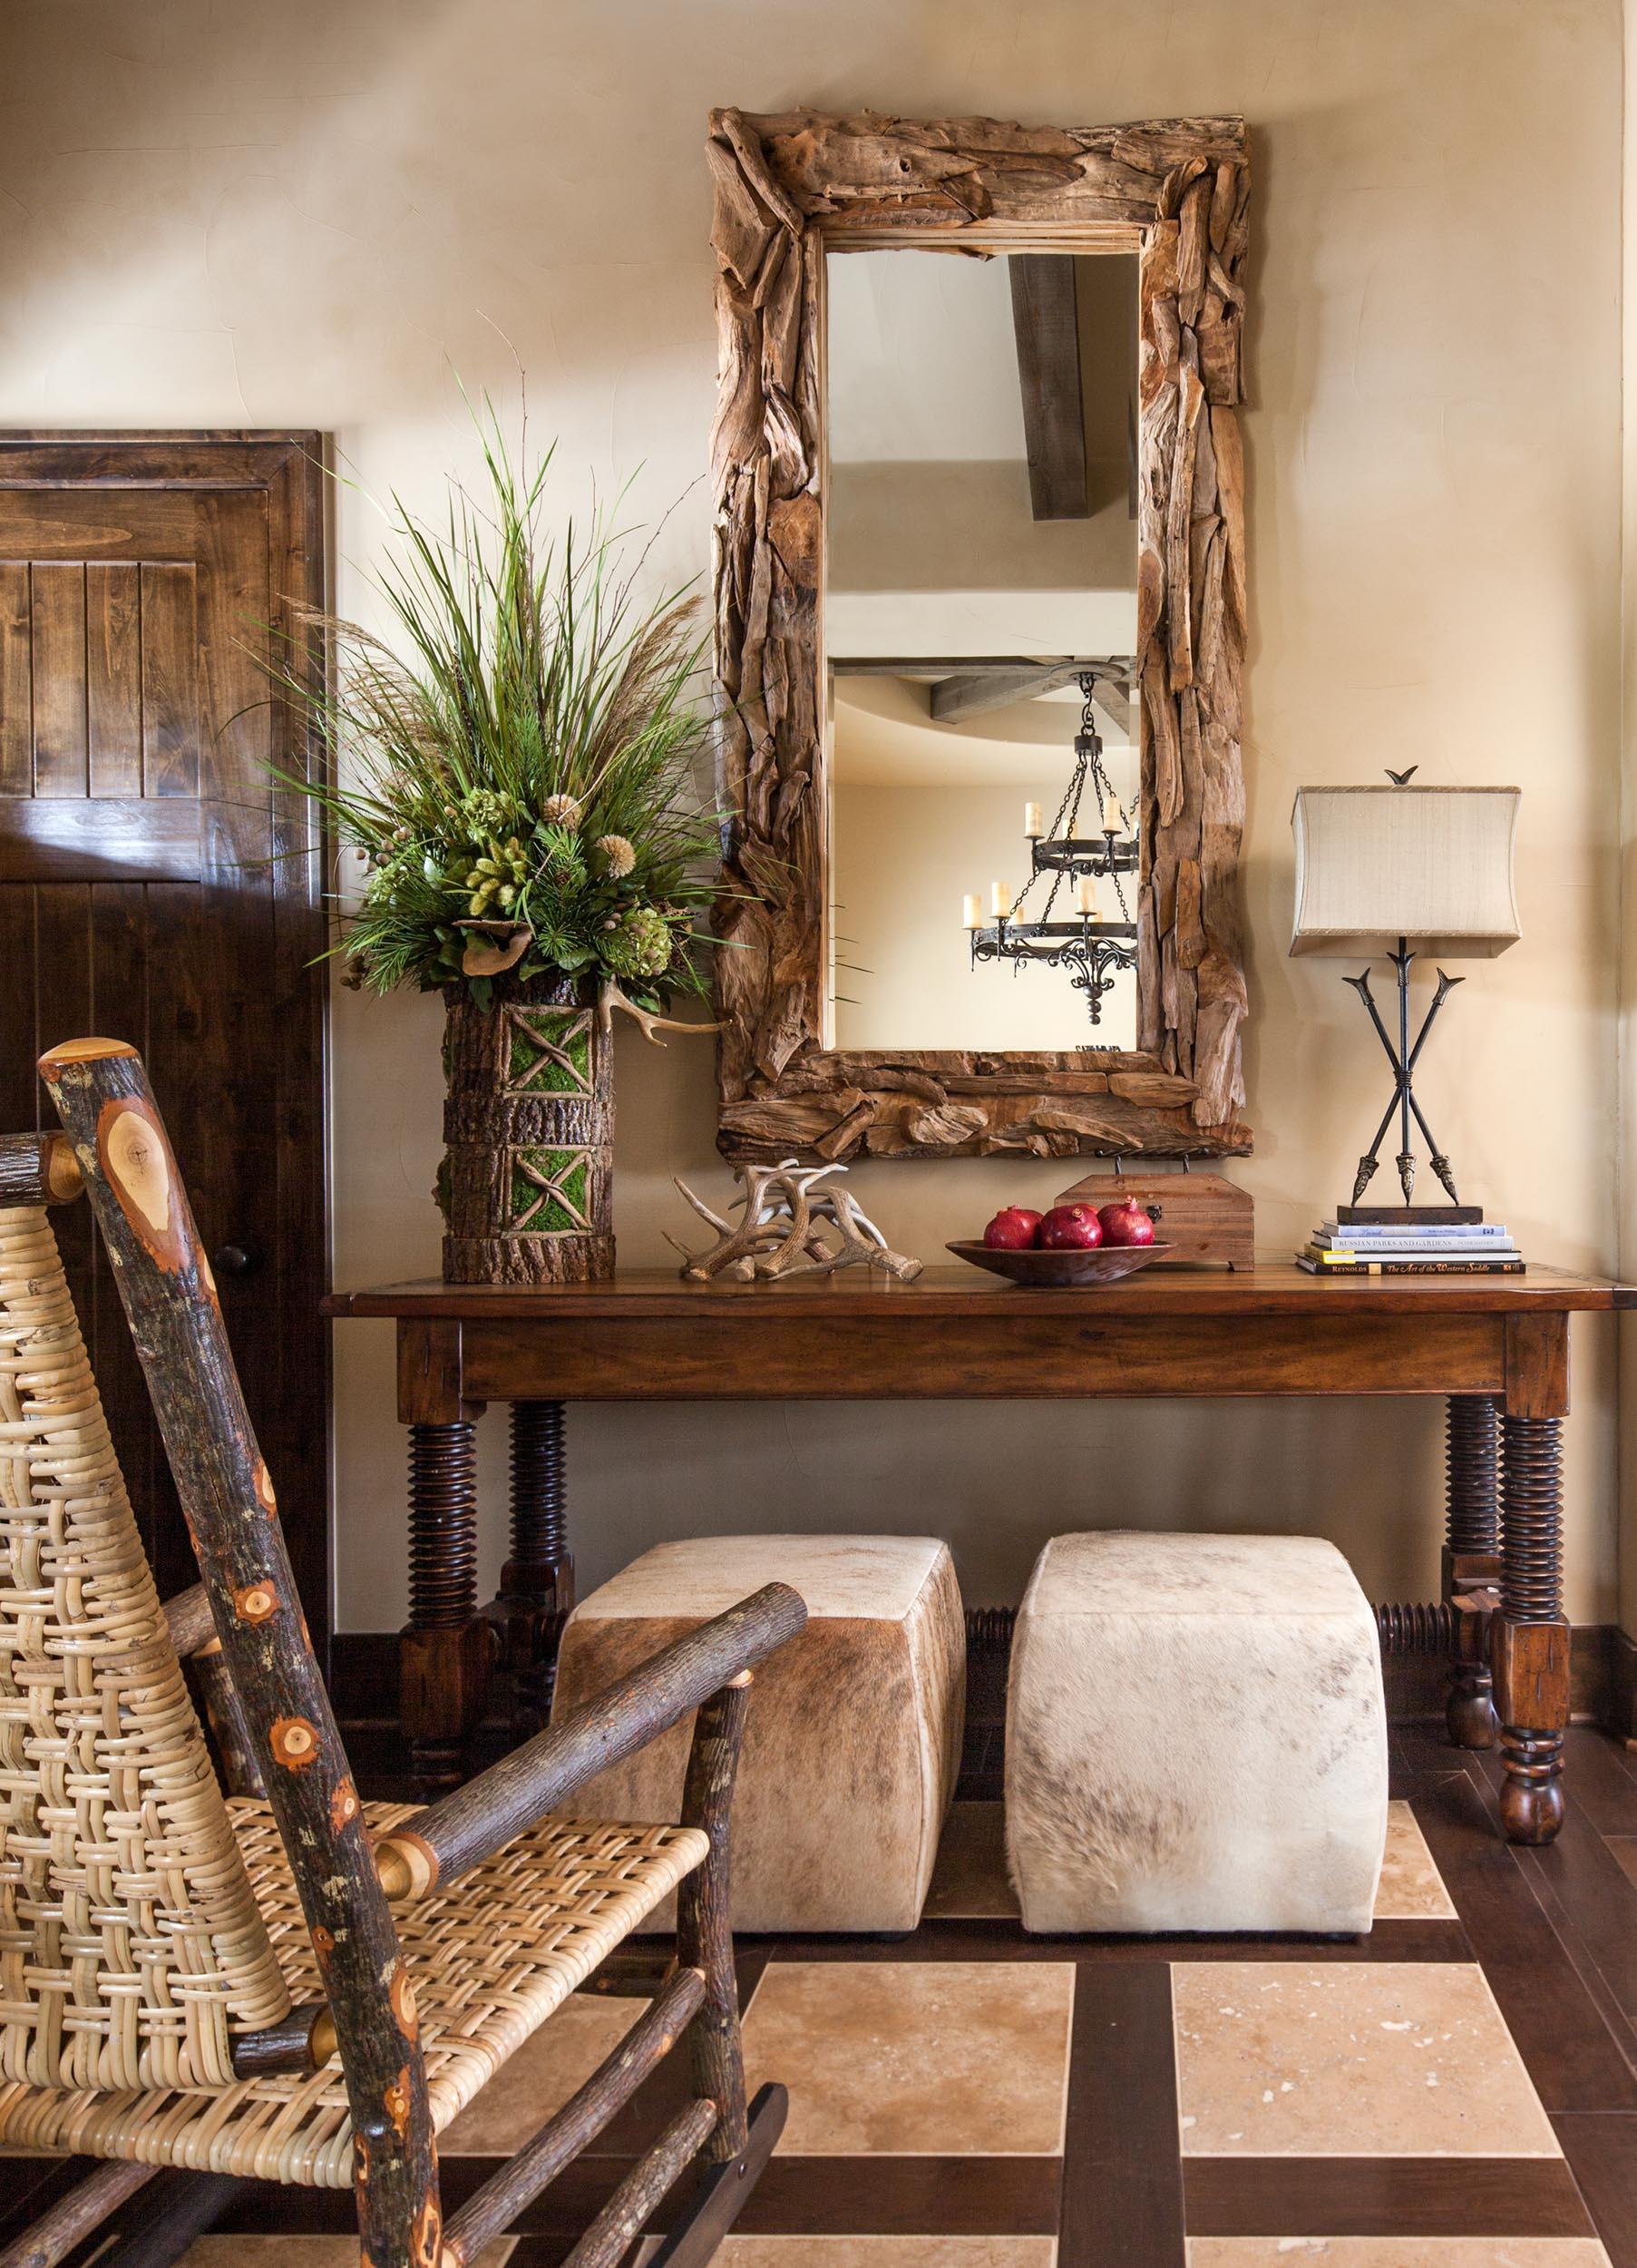 austin-house-living-room-side-table-interior-design.jpg